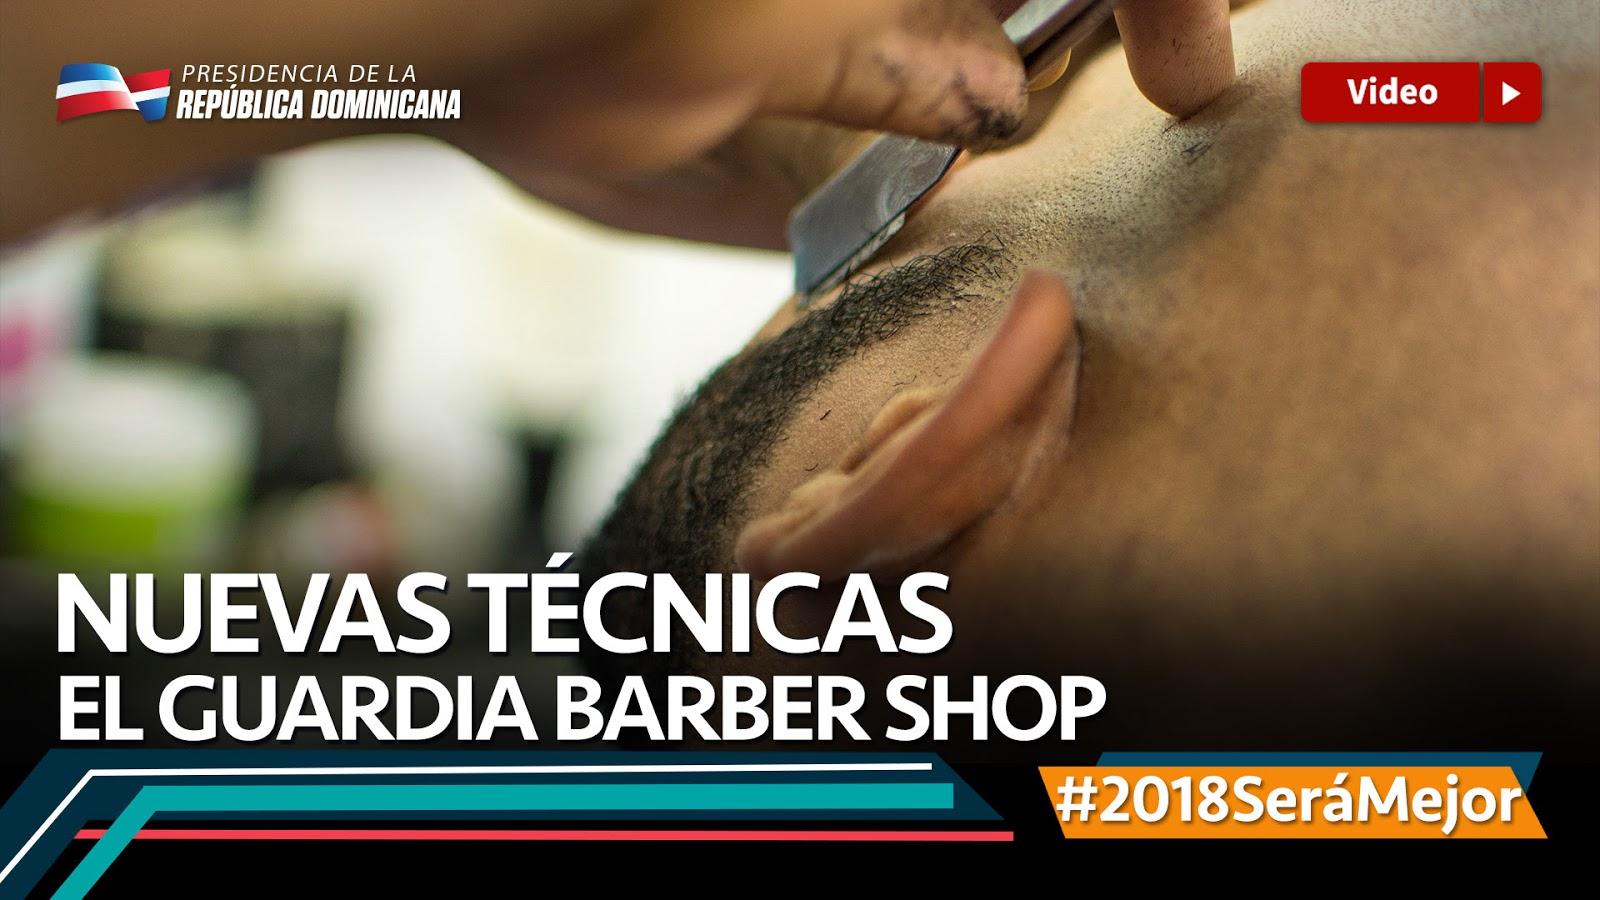 VIDEO: Nuevas técnicas. El Guardia Barber Shop #2018SeráMejor